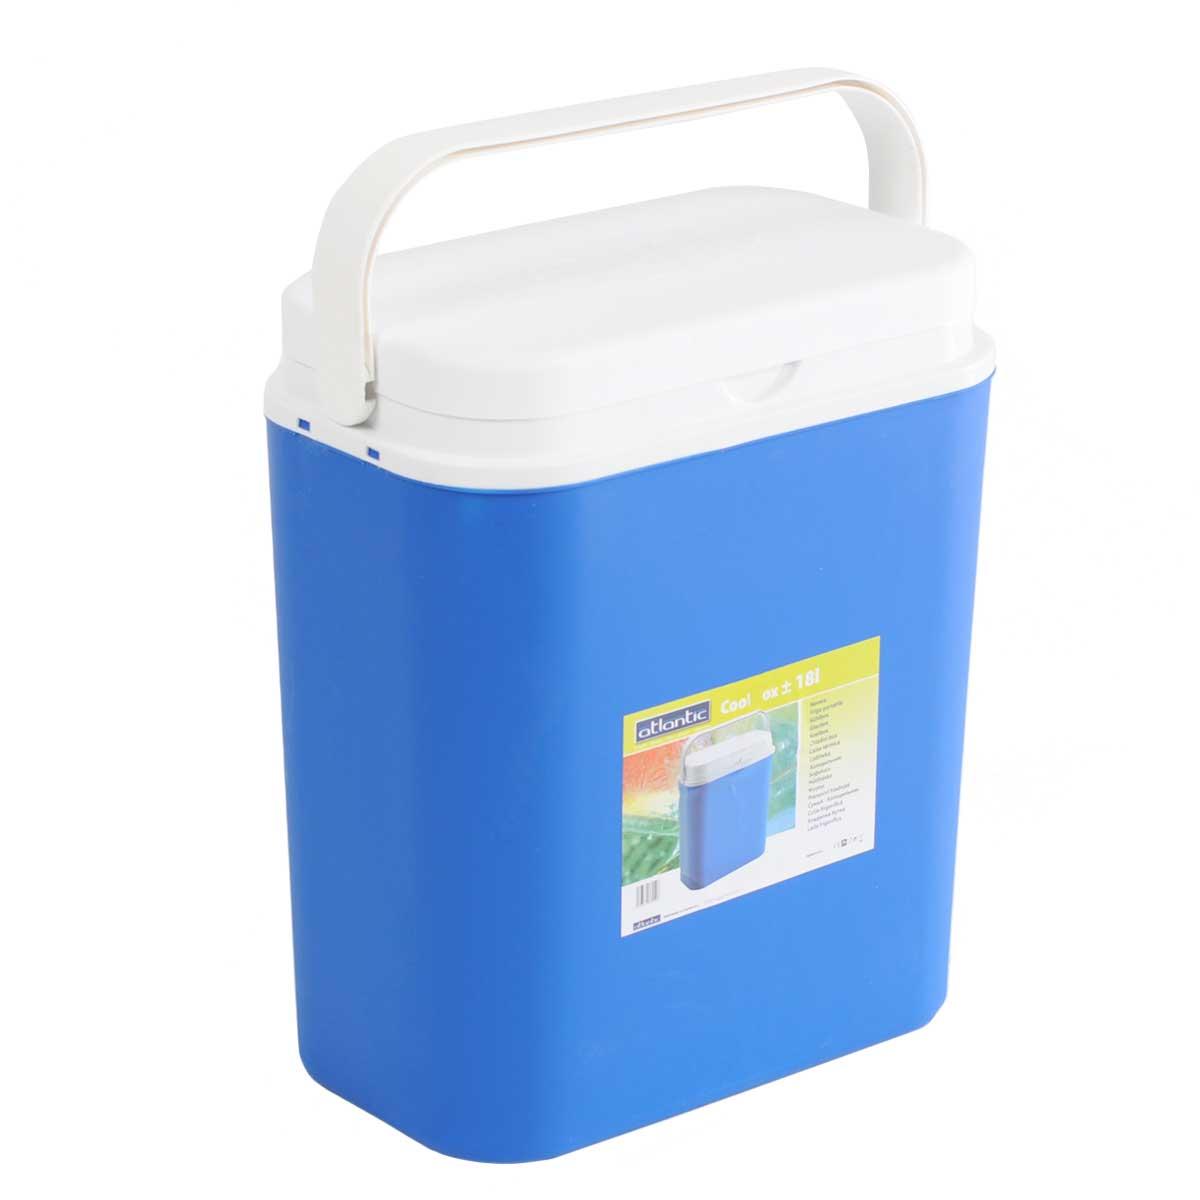 Контейнер изотермический Atlantic Cool Box, цвет: синий, 18 л5036Легкий и прочный изотермический контейнер Atlantic Cool Box предназначен для сохранения определенной температуры продуктов во время длительных поездок. Корпус и крышка контейнера изготовлены из высококачественного пластика. Между двойными стенками находится термоизоляционный слой, который обеспечивает сохранение температуры. Крышку можно использовать в качестве столика или подноса. При использовании аккумулятора холода, контейнер обеспечивает сохранение продуктов холодными до 12 часов. Температурный режим эксплуатации: от -30°C до +60°C Контейнер идеально подходит для отдыха на природе, пикников, туристических походов и путешествий. Объем контейнера: 18 л. Размер контейнера: 33 см х 38 см х 18 см.